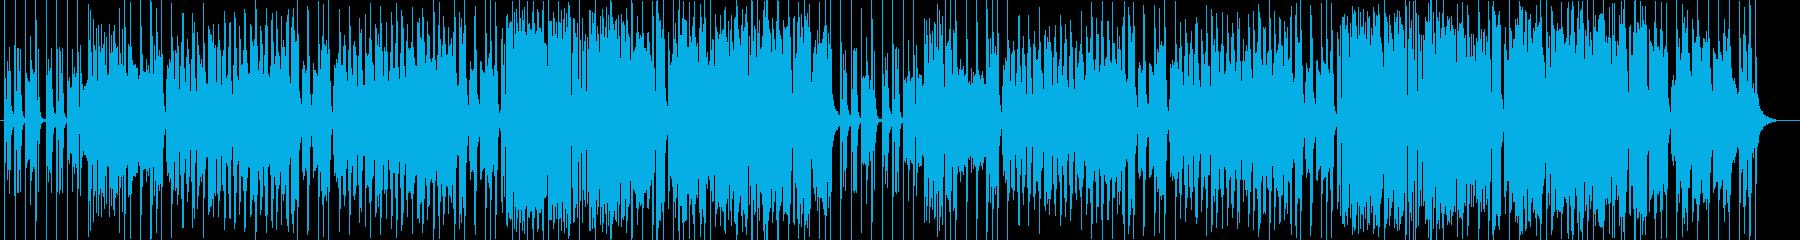 豪華な管楽器・打楽器などの行進系サウンドの再生済みの波形